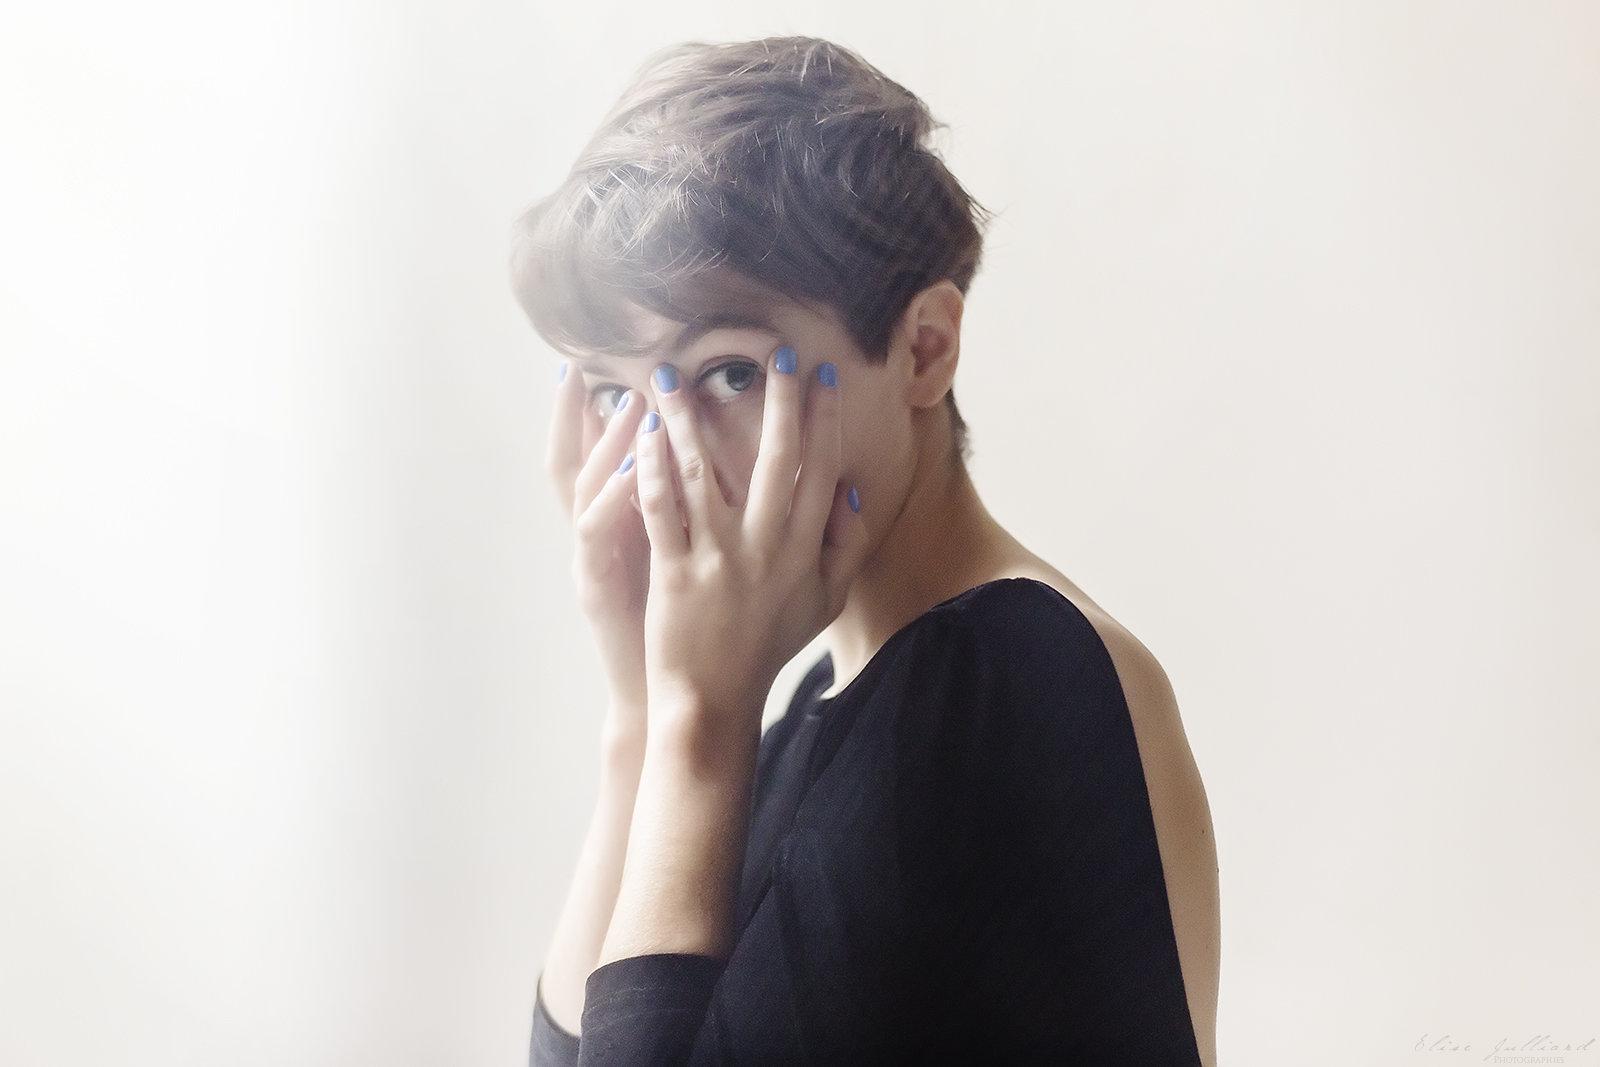 elise-julliard-photographe-lyon-seance-photo-book-comedienne-actrice-portrait-professionnel-rhone-alpes-femme